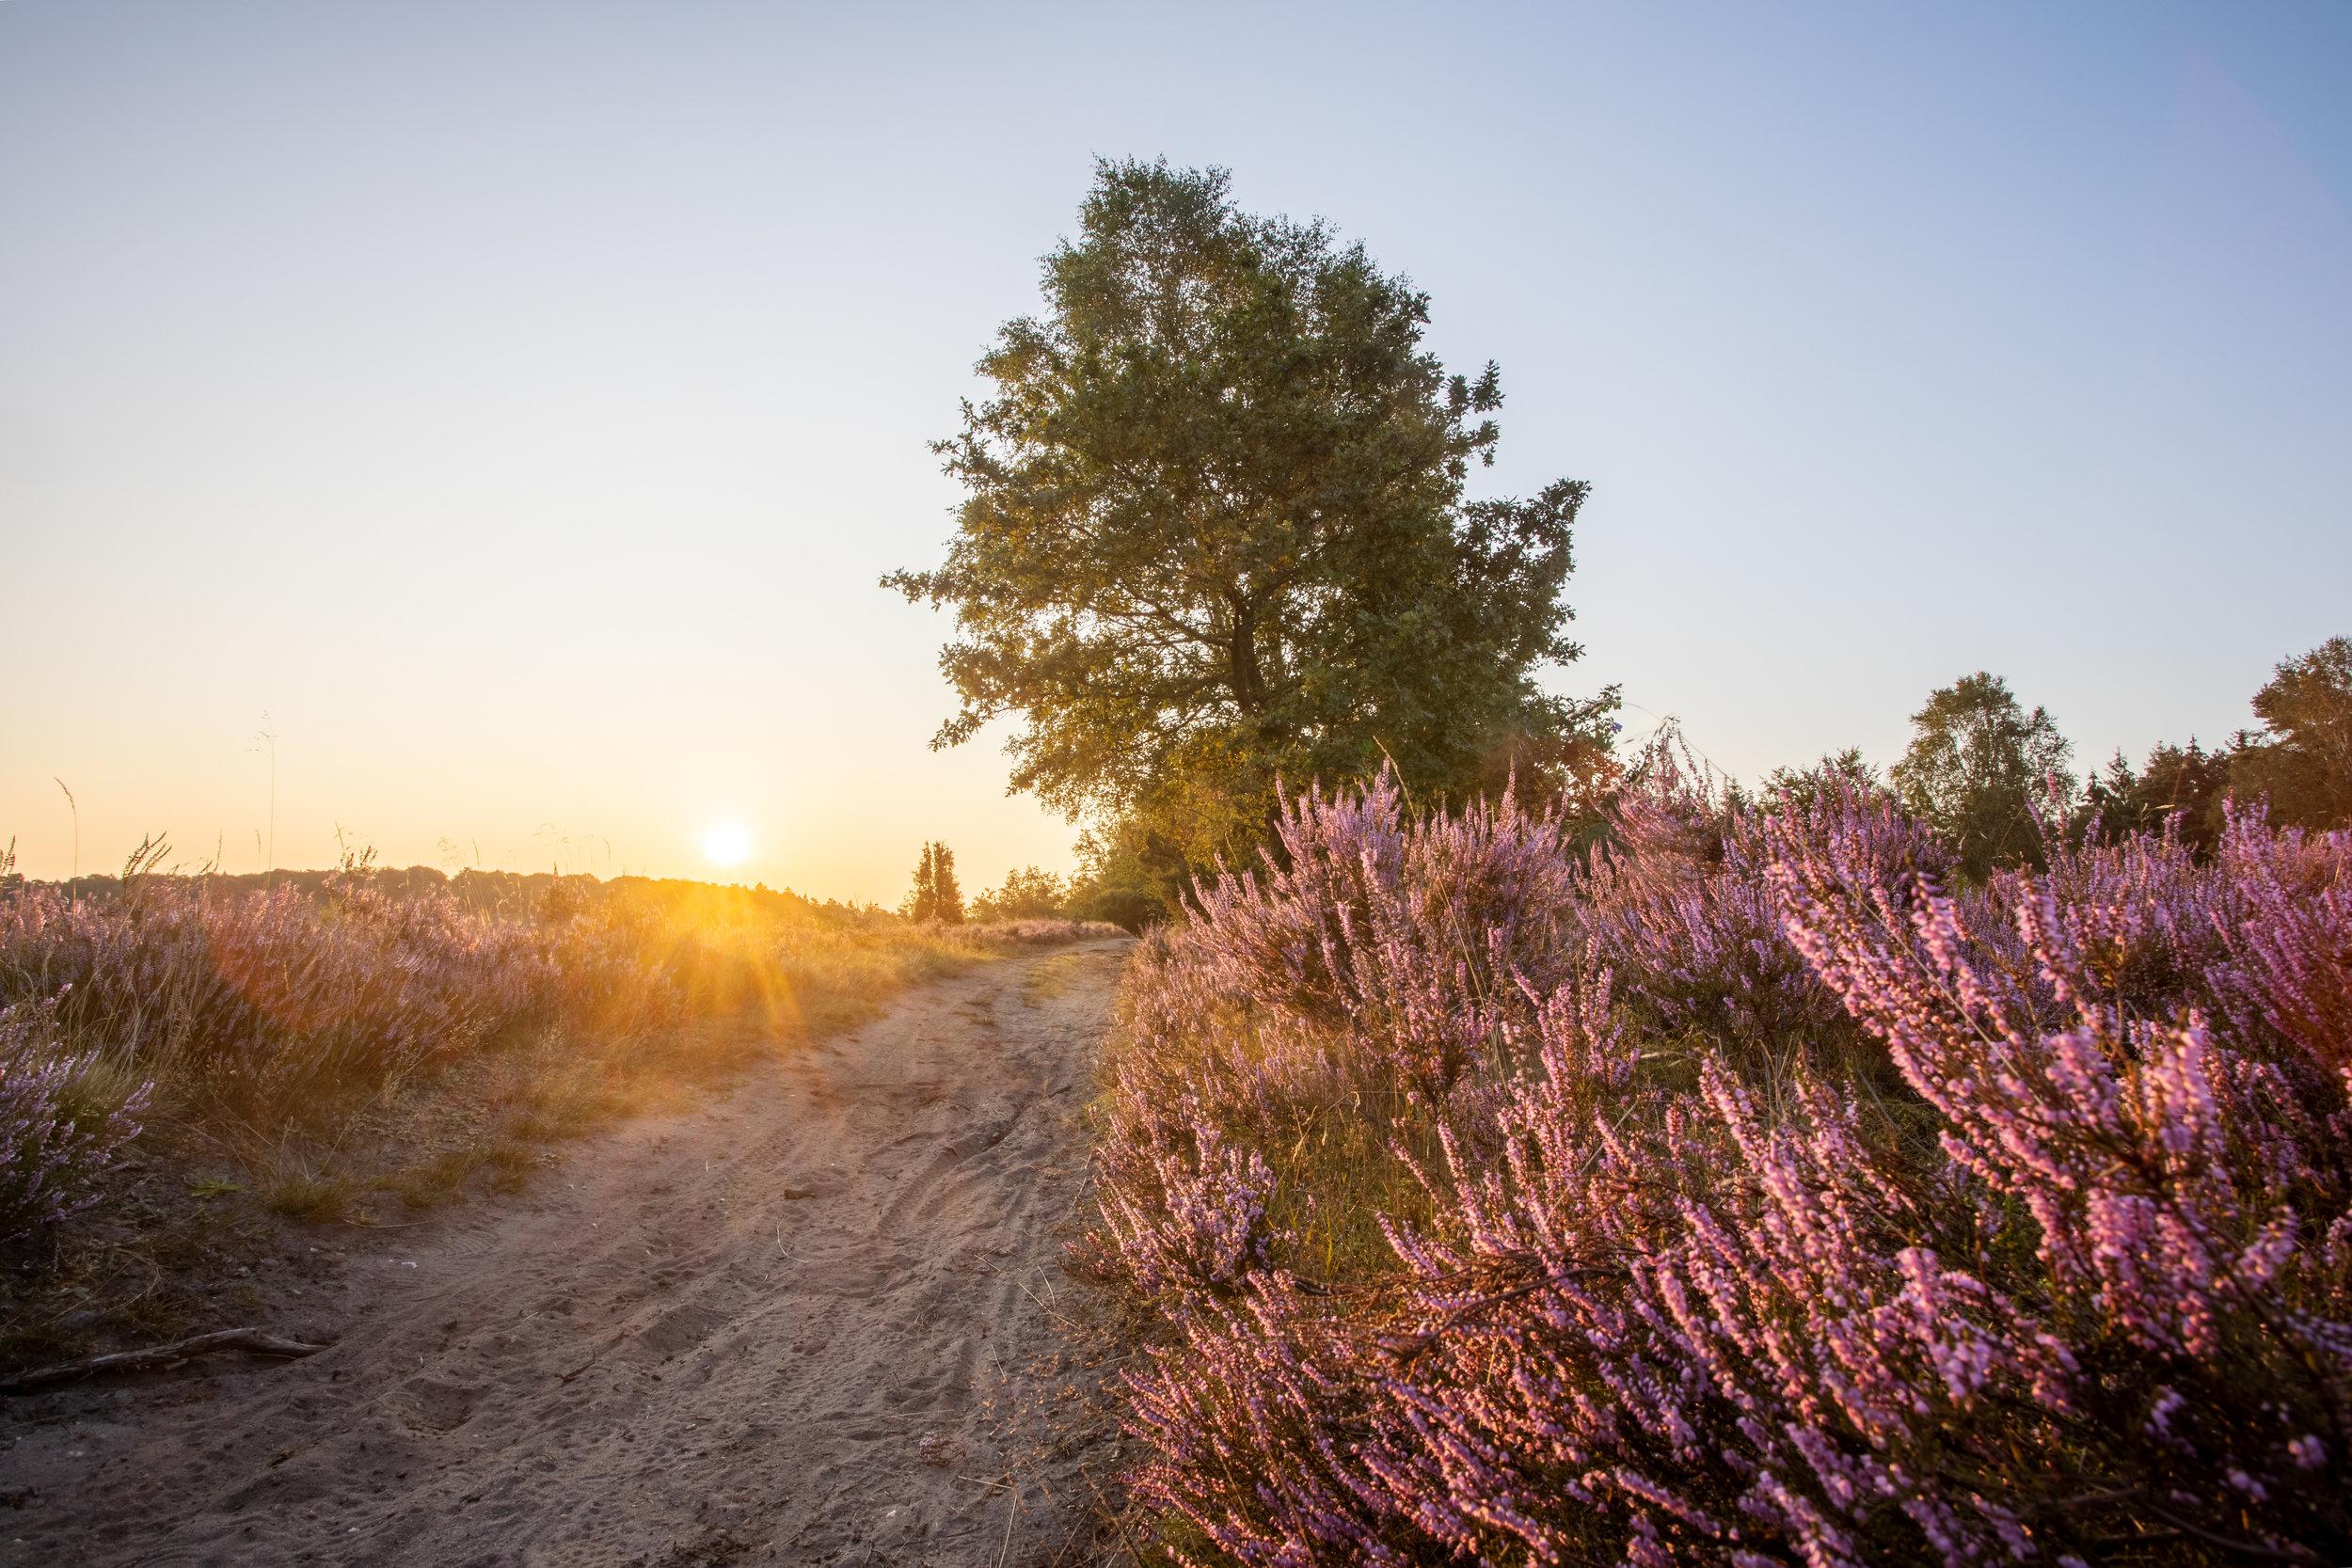 Sonnenaufgang in der Lüneburger Heide - Heideblüte